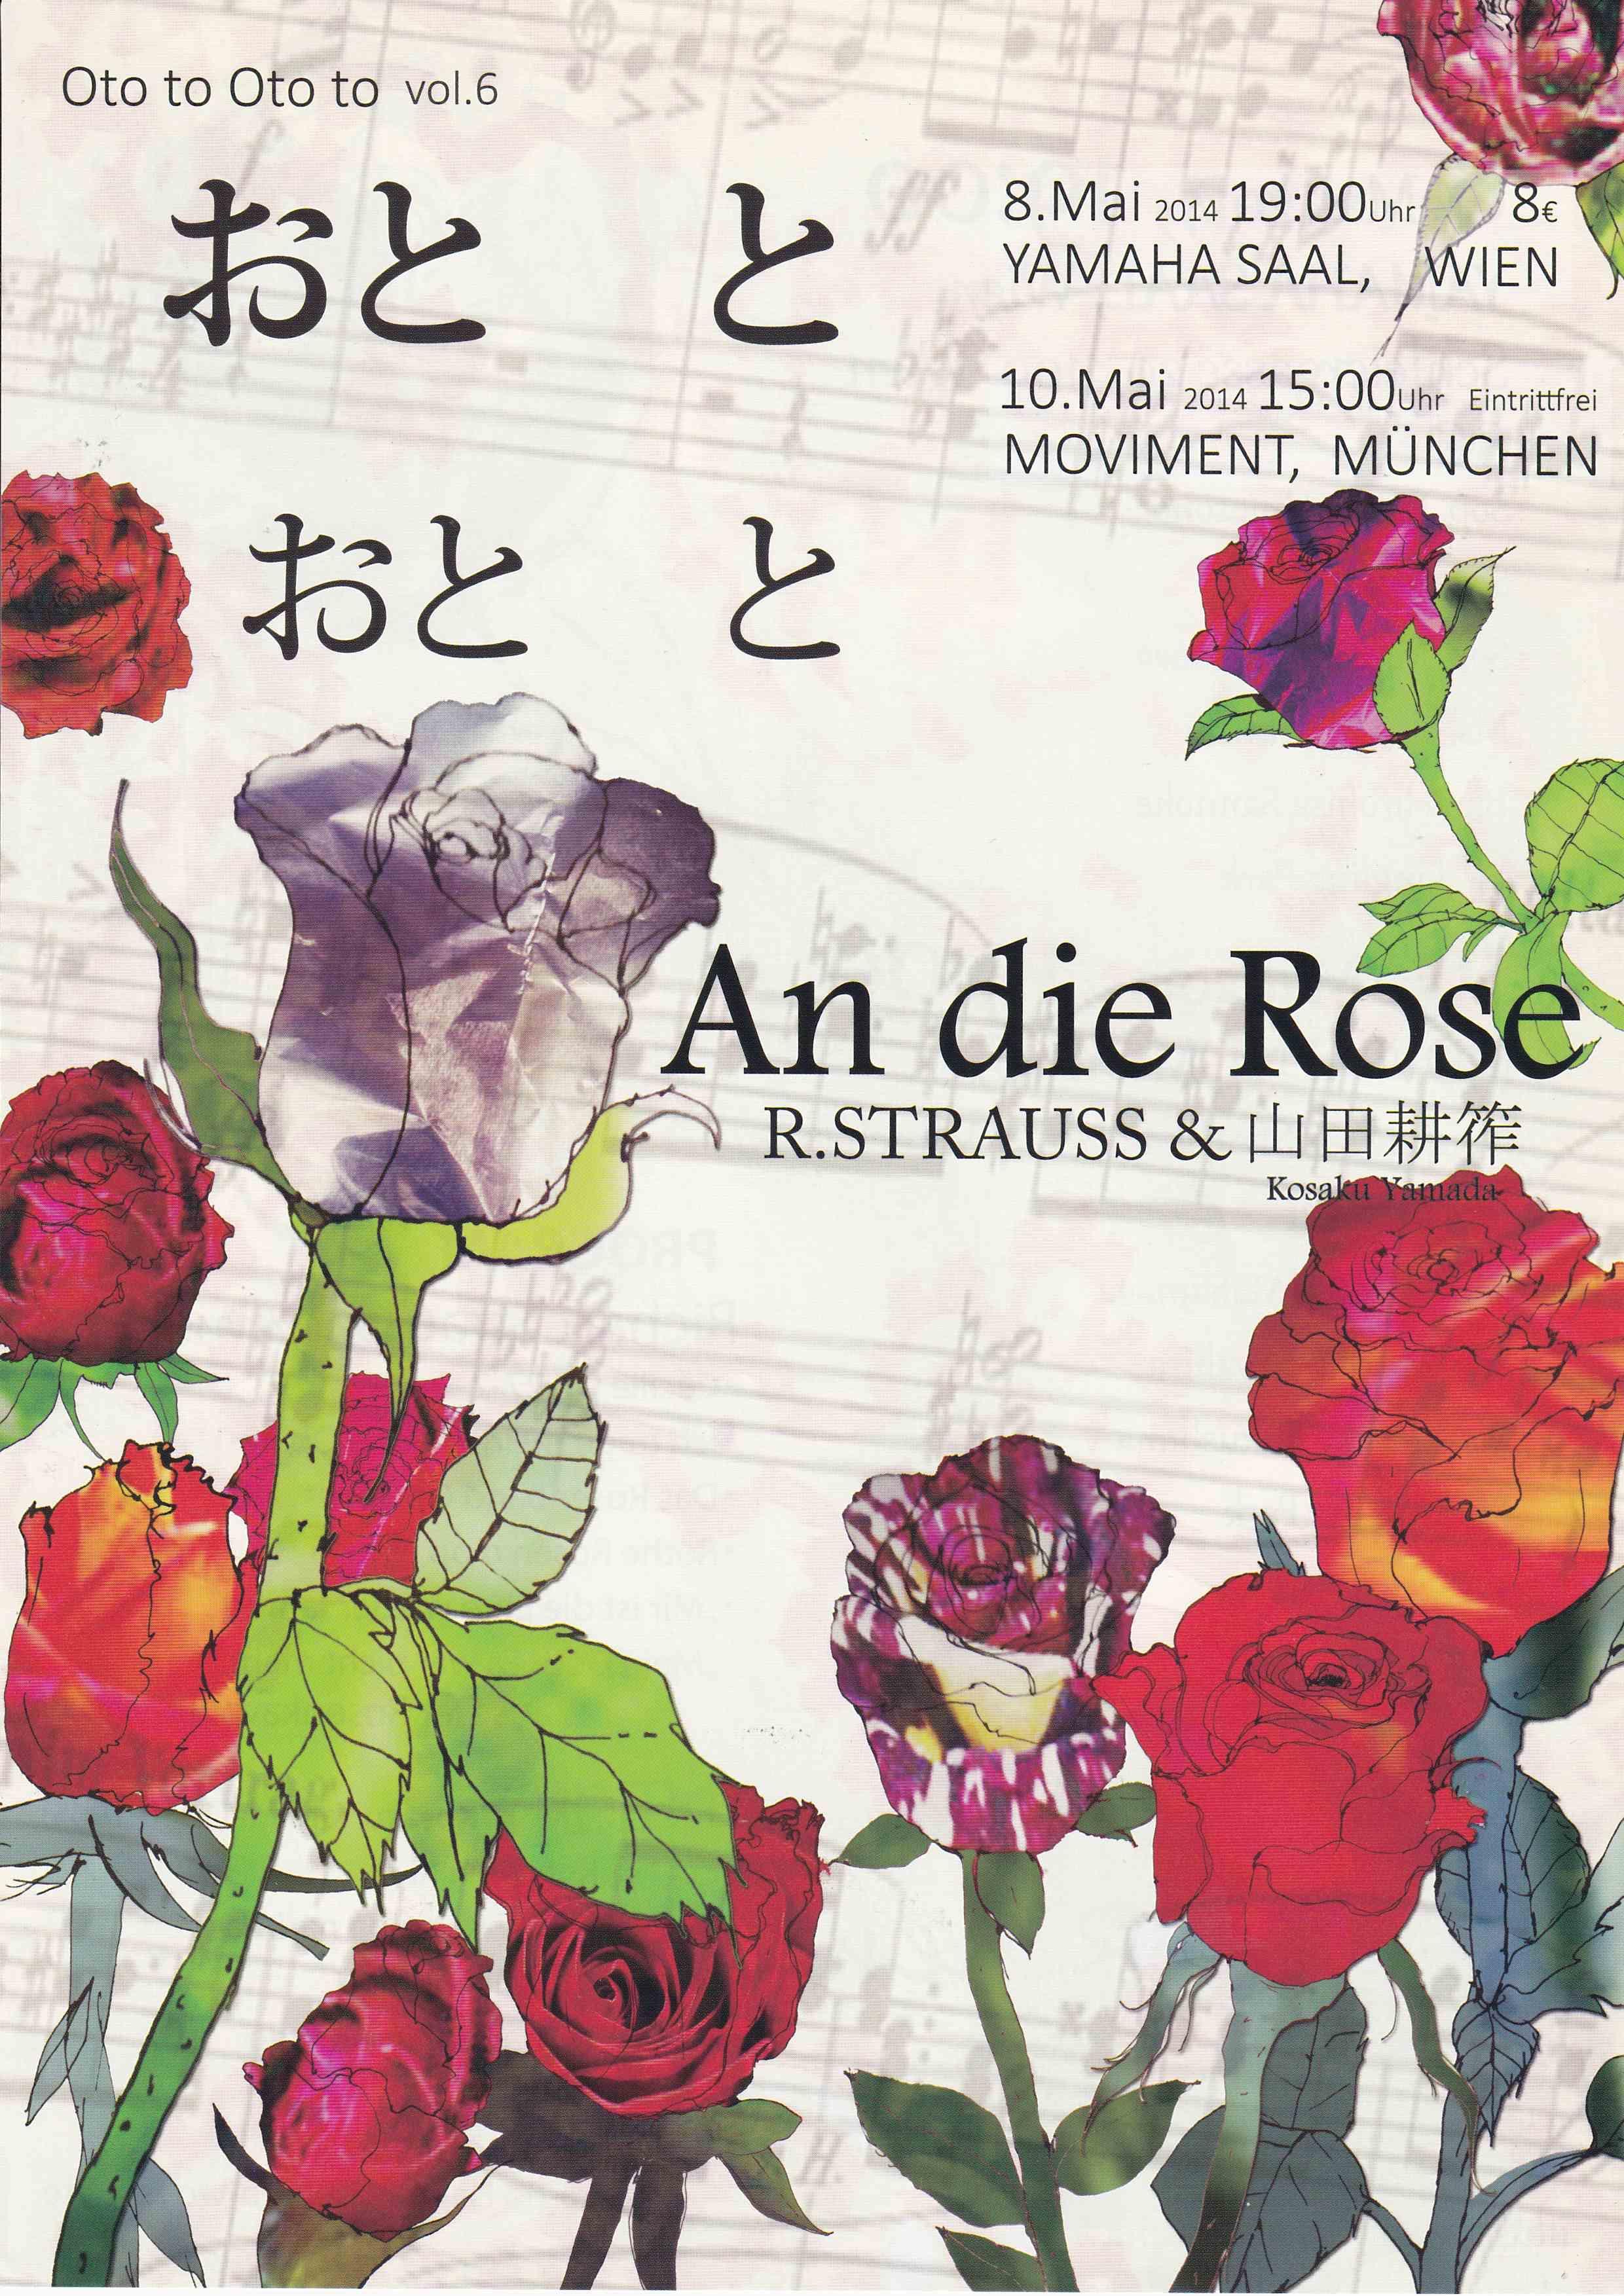 おととおとと vol.6 An die Rose